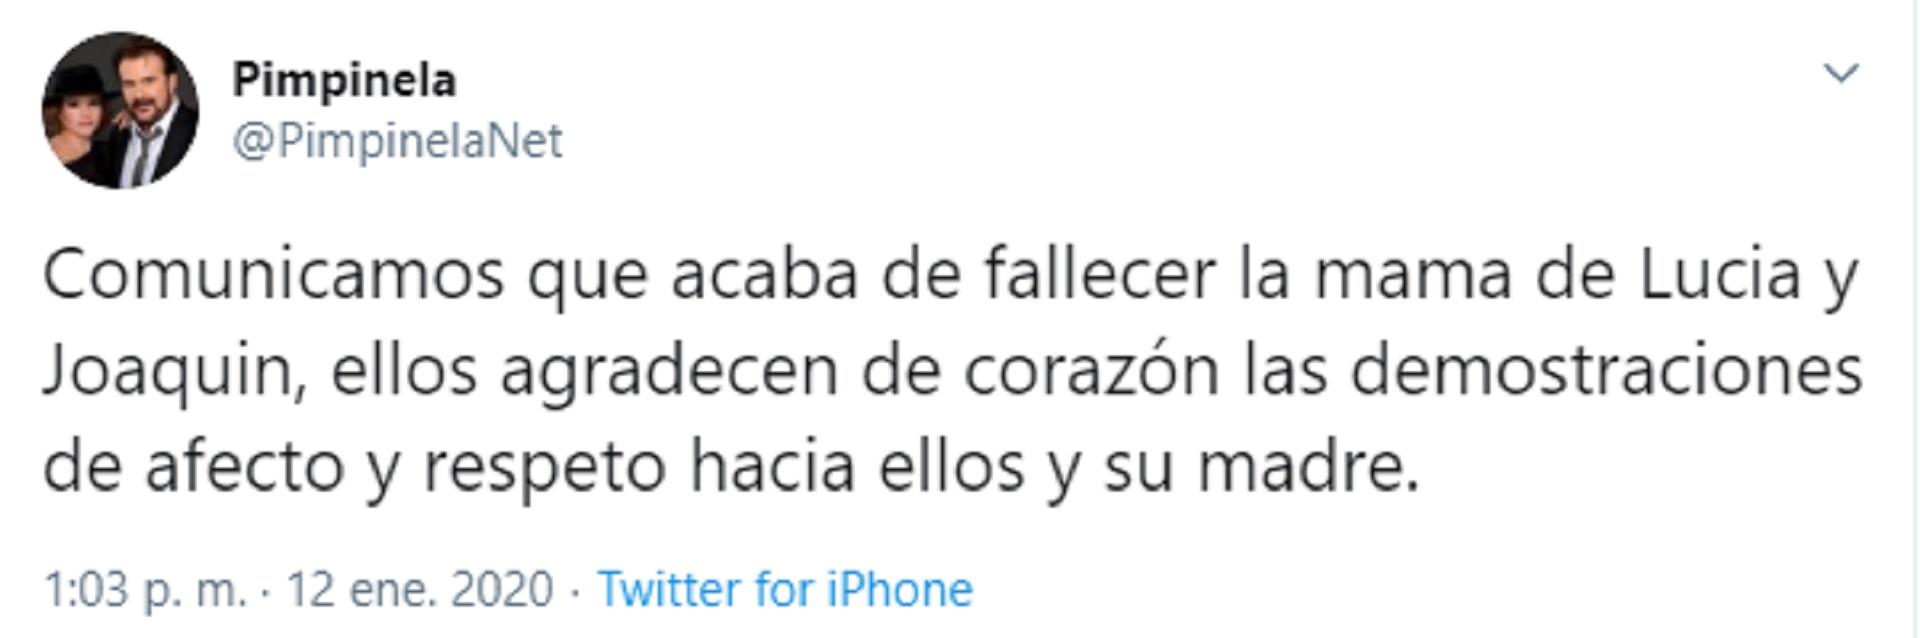 El comunicado que emitieron desde la cuenta oficial del Dúo Pimpinela este domingo 12 de enero tras la muerte de su madre